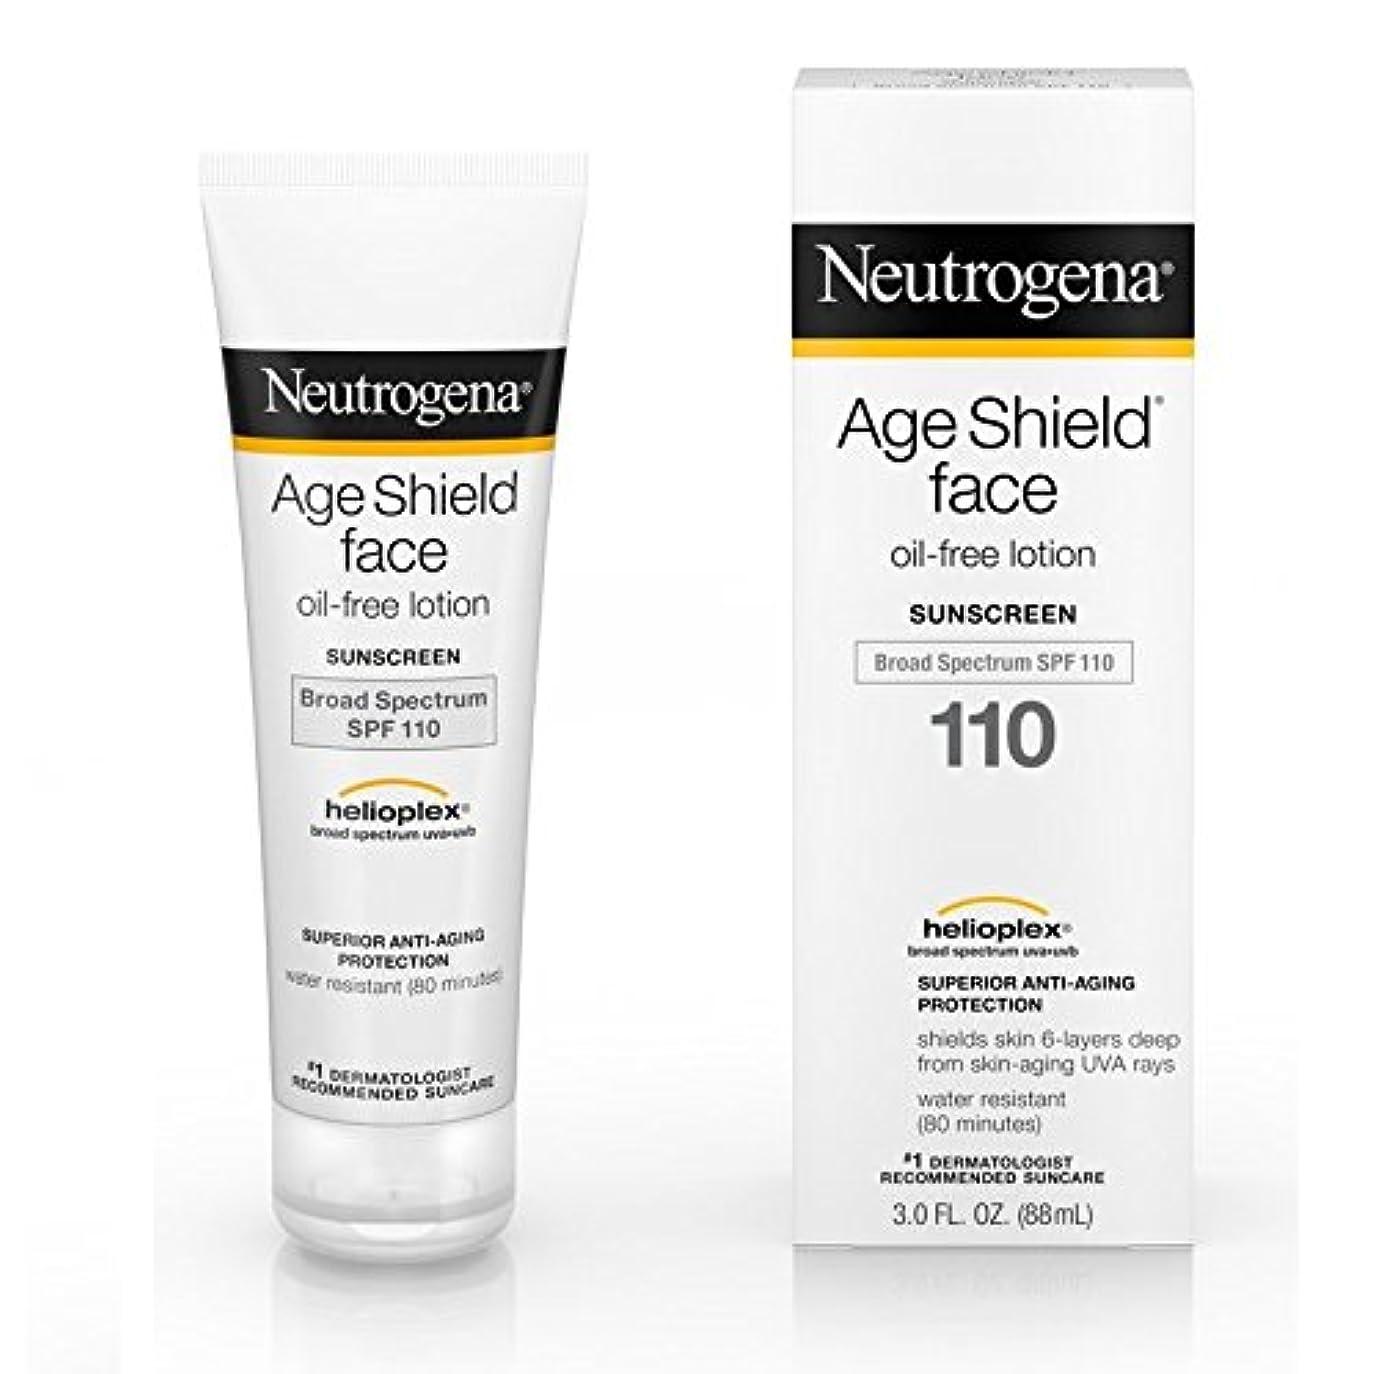 急降下なすスクラブ【海外直送品】Neutrogena Age Shield? Face Oil-Free Lotion Sunscreen Broad Spectrum SPF 110 - 3 FL OZ(88ml)